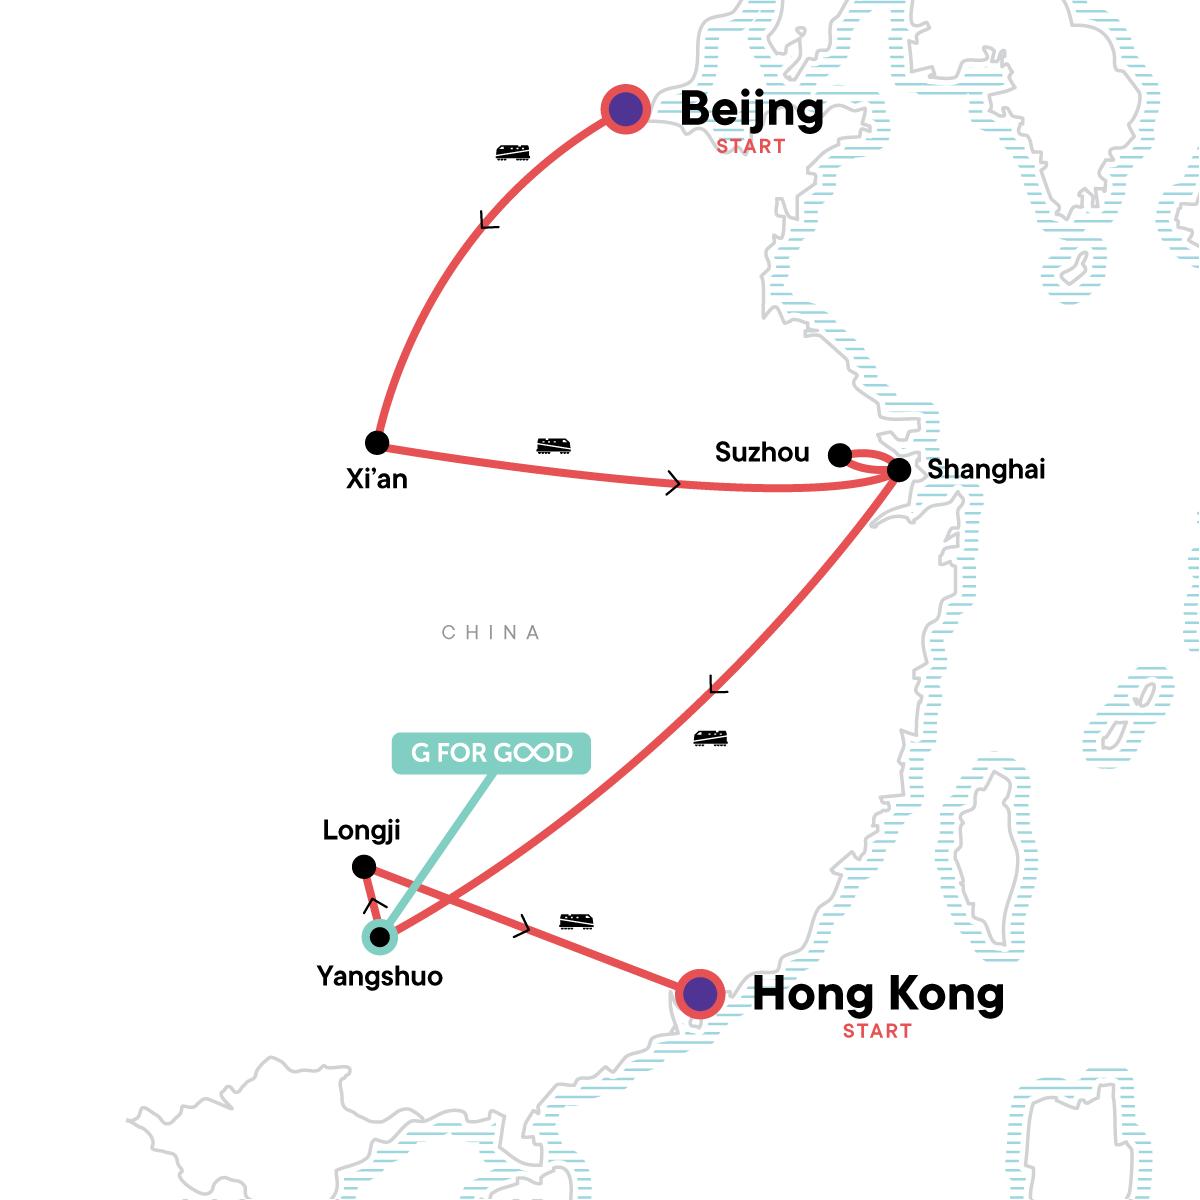 Classic Beijing to Hong Kong Adventure Map